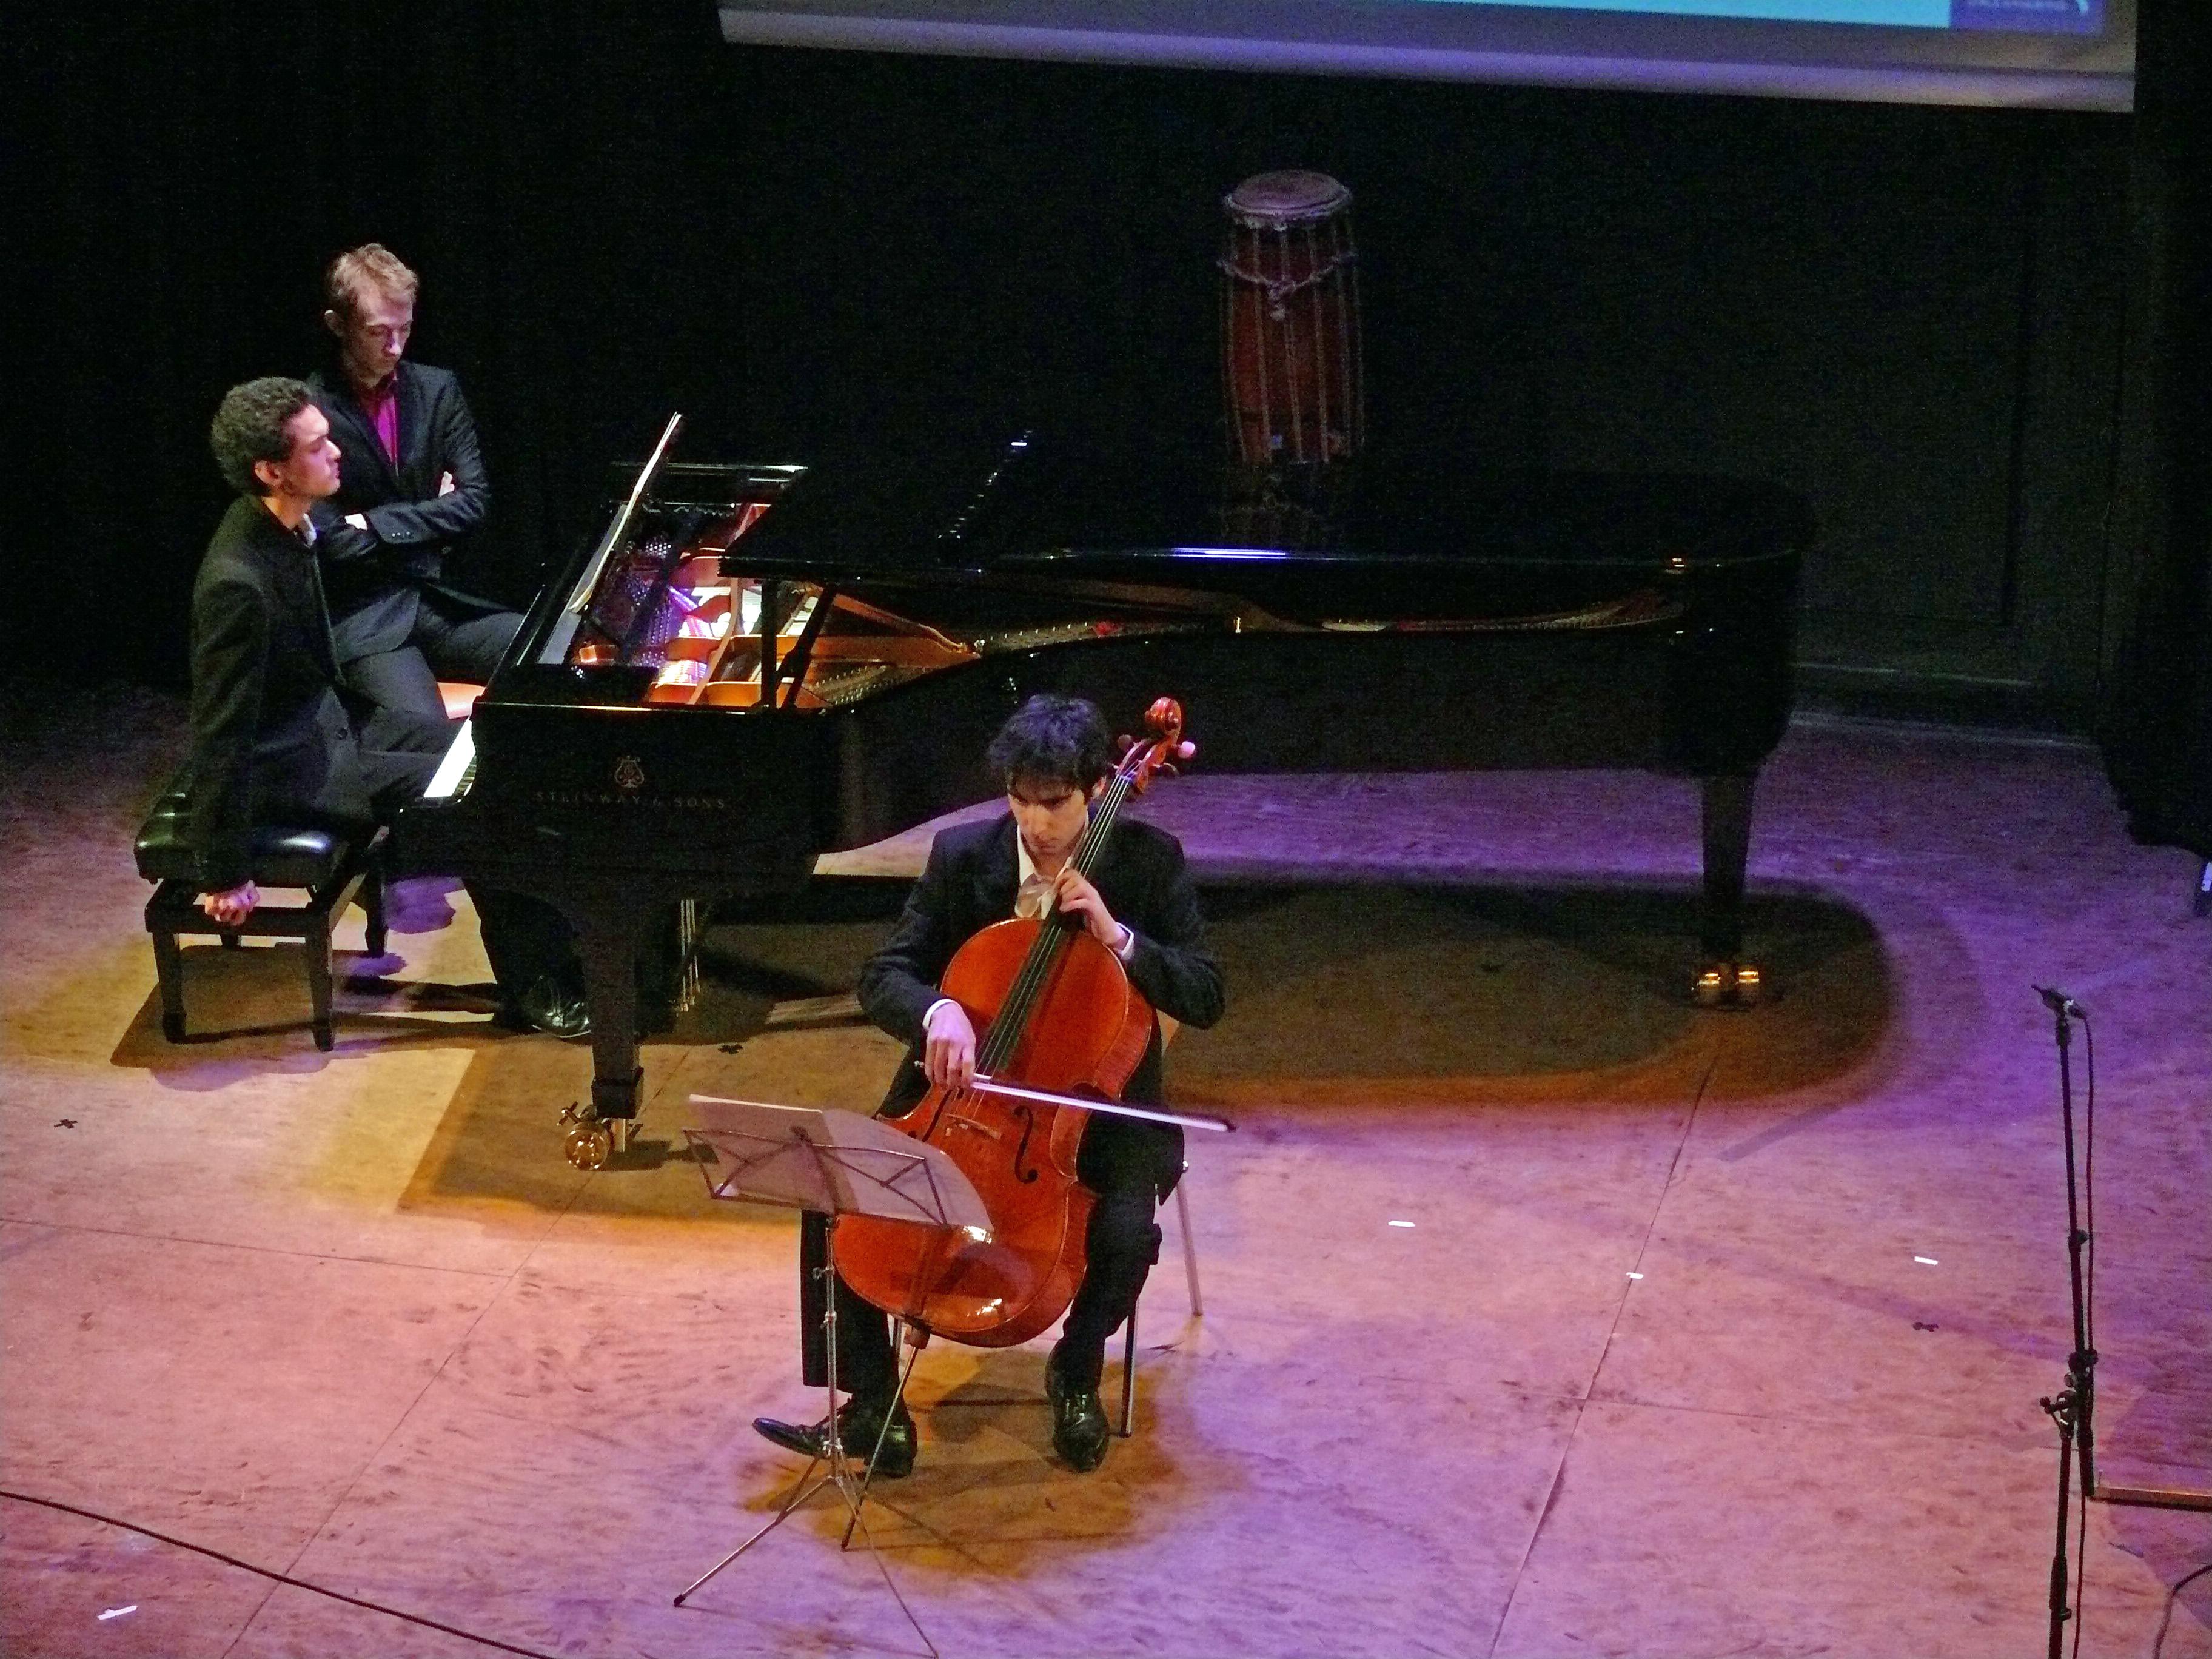 bialobroda-brahms-concert1